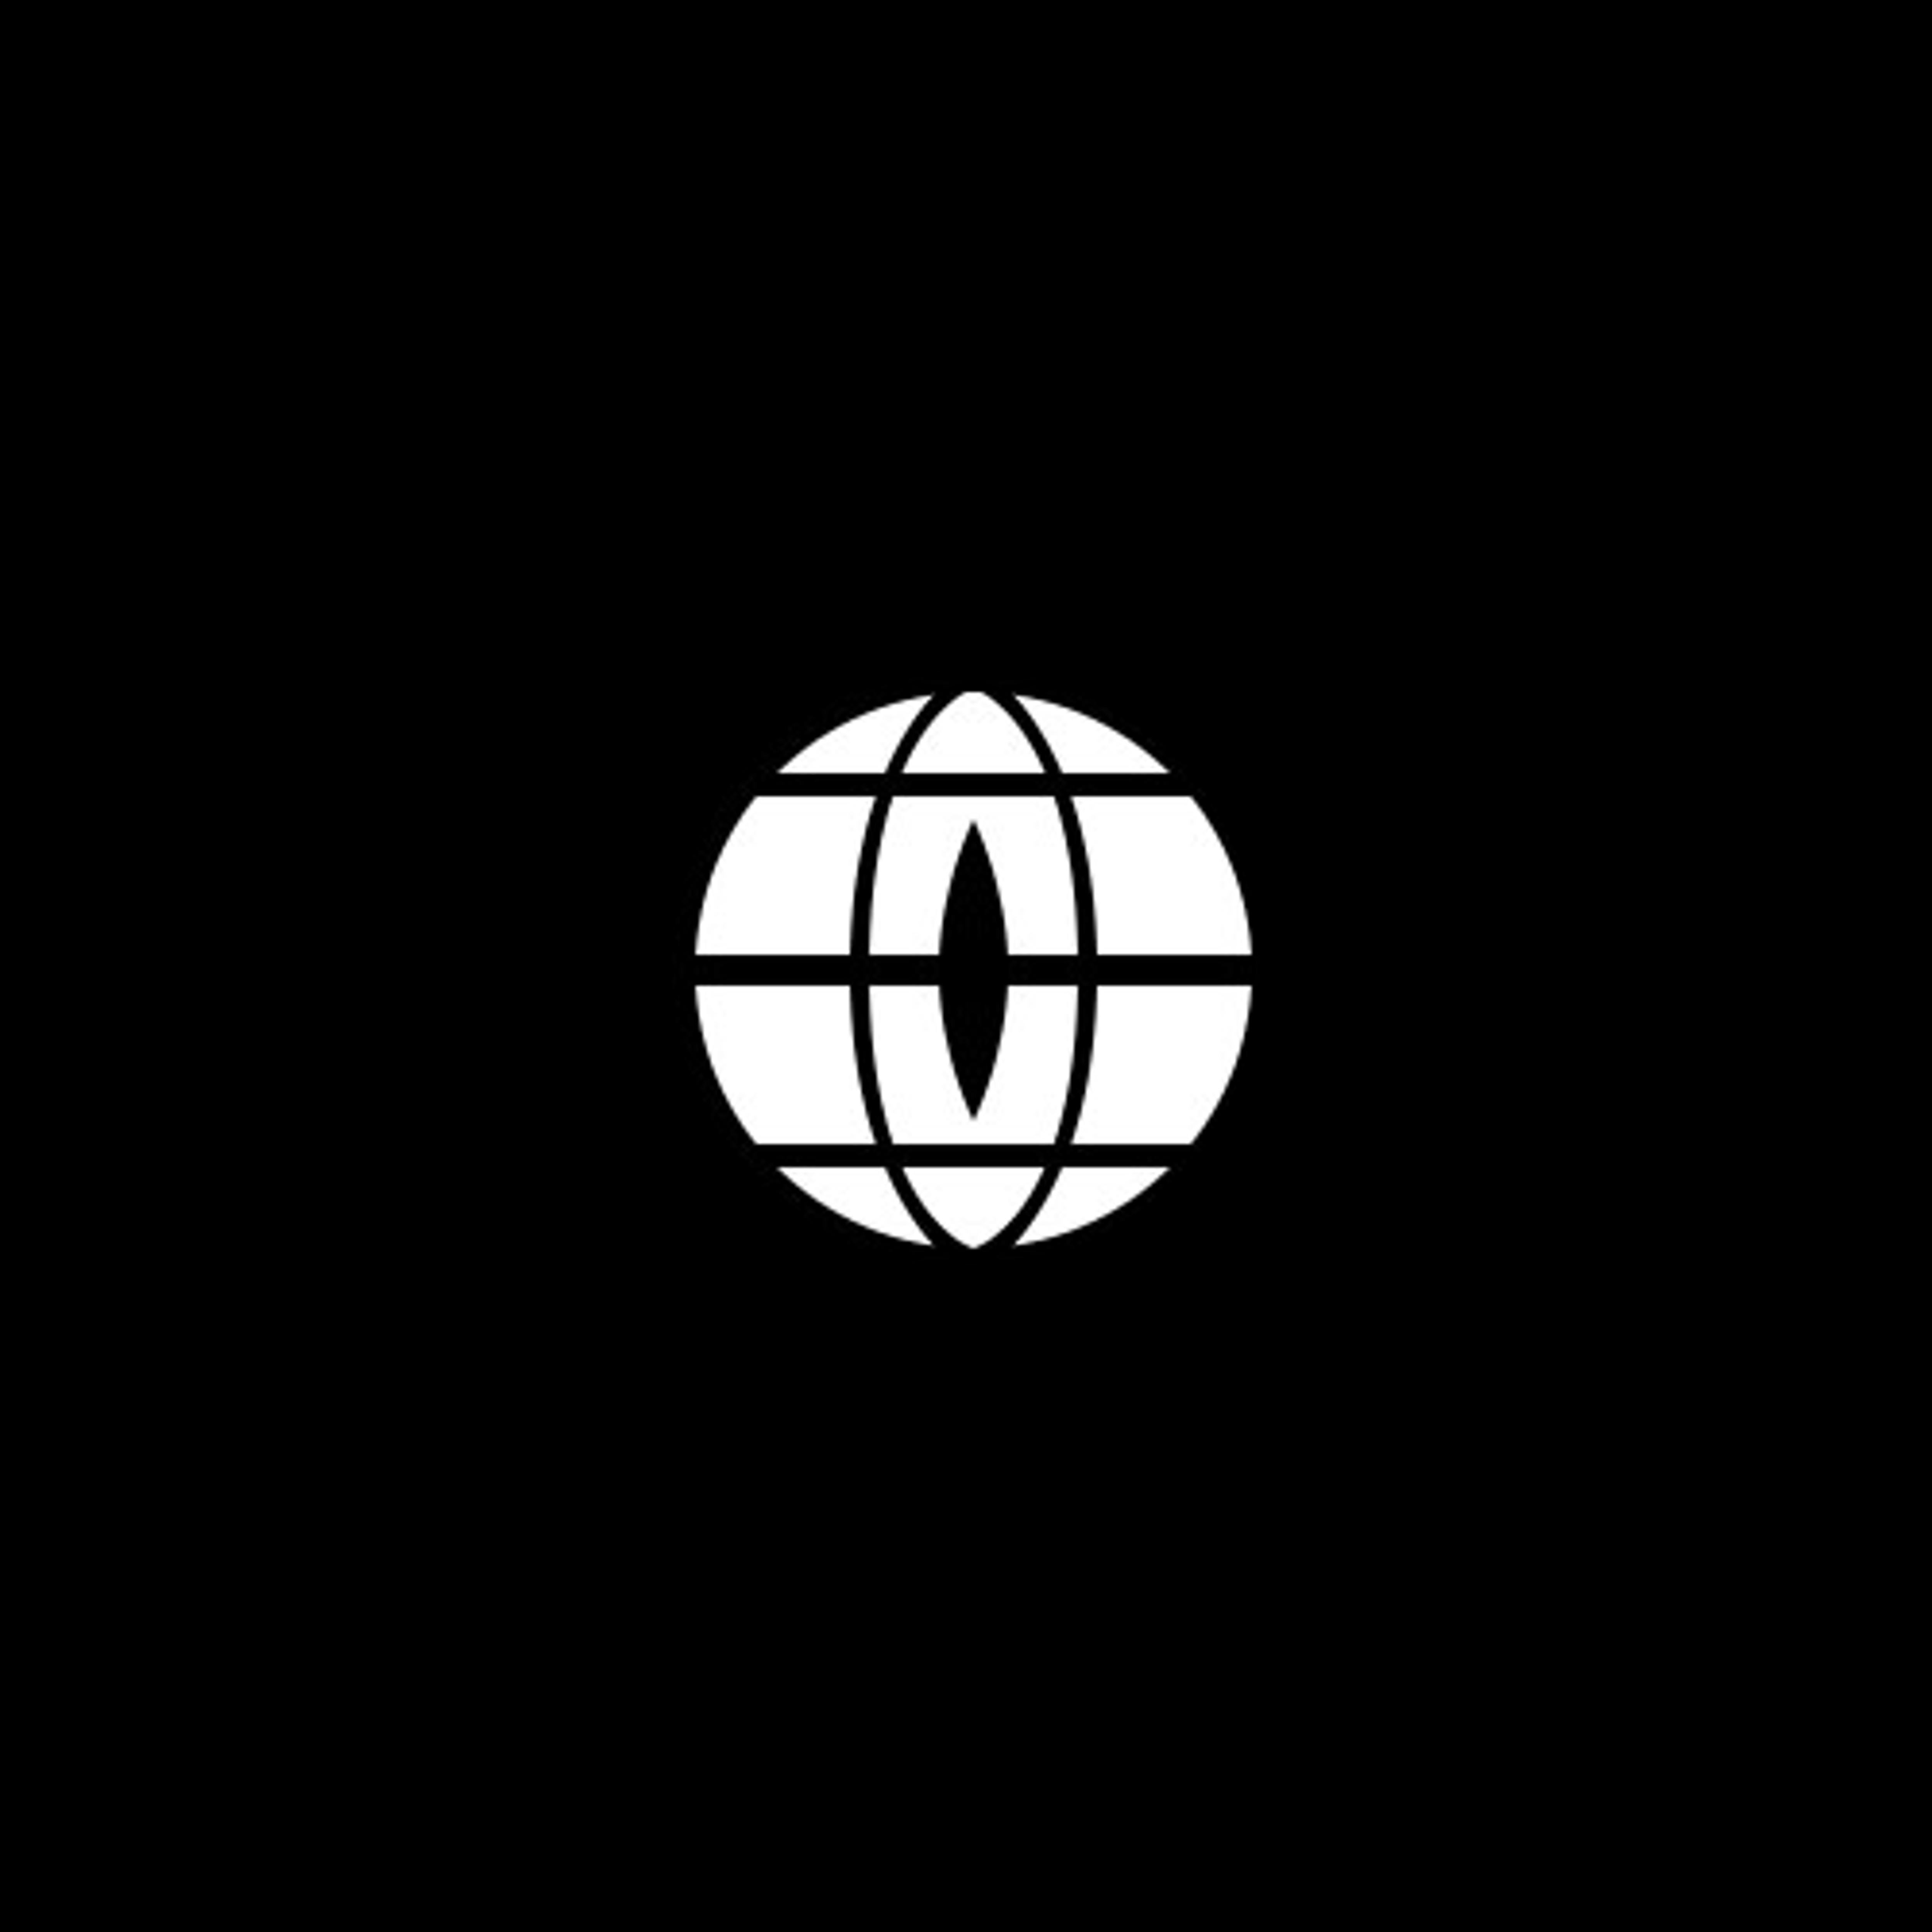 logo_chaoseye_simpler.png